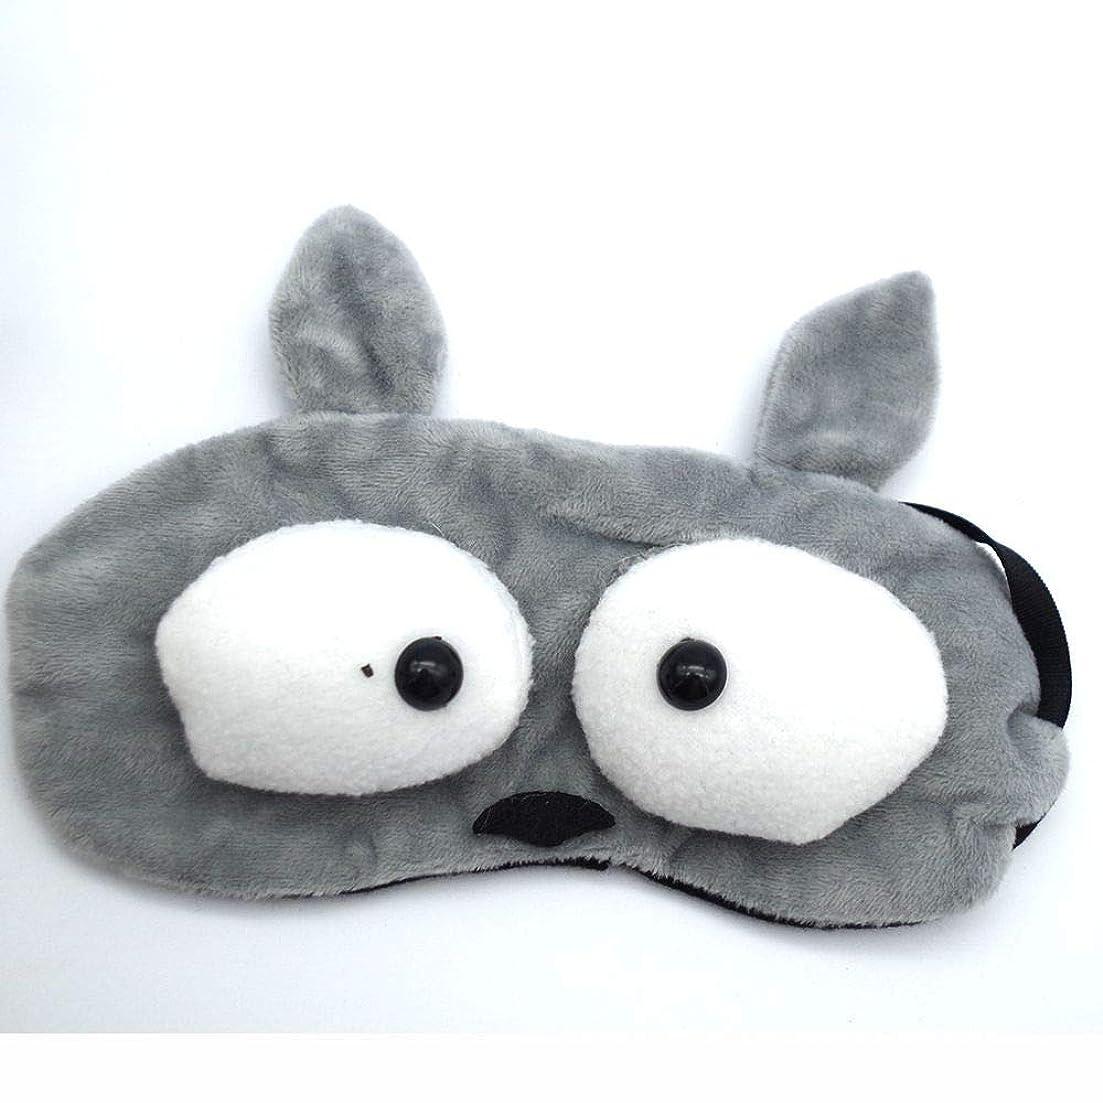 受動的遠え今後NOTE 1ピース動物睡眠アイマスクパッド入りシェードカバー目隠し睡眠旅行リラックスマスクアイカバー睡眠メイクアイケアツール